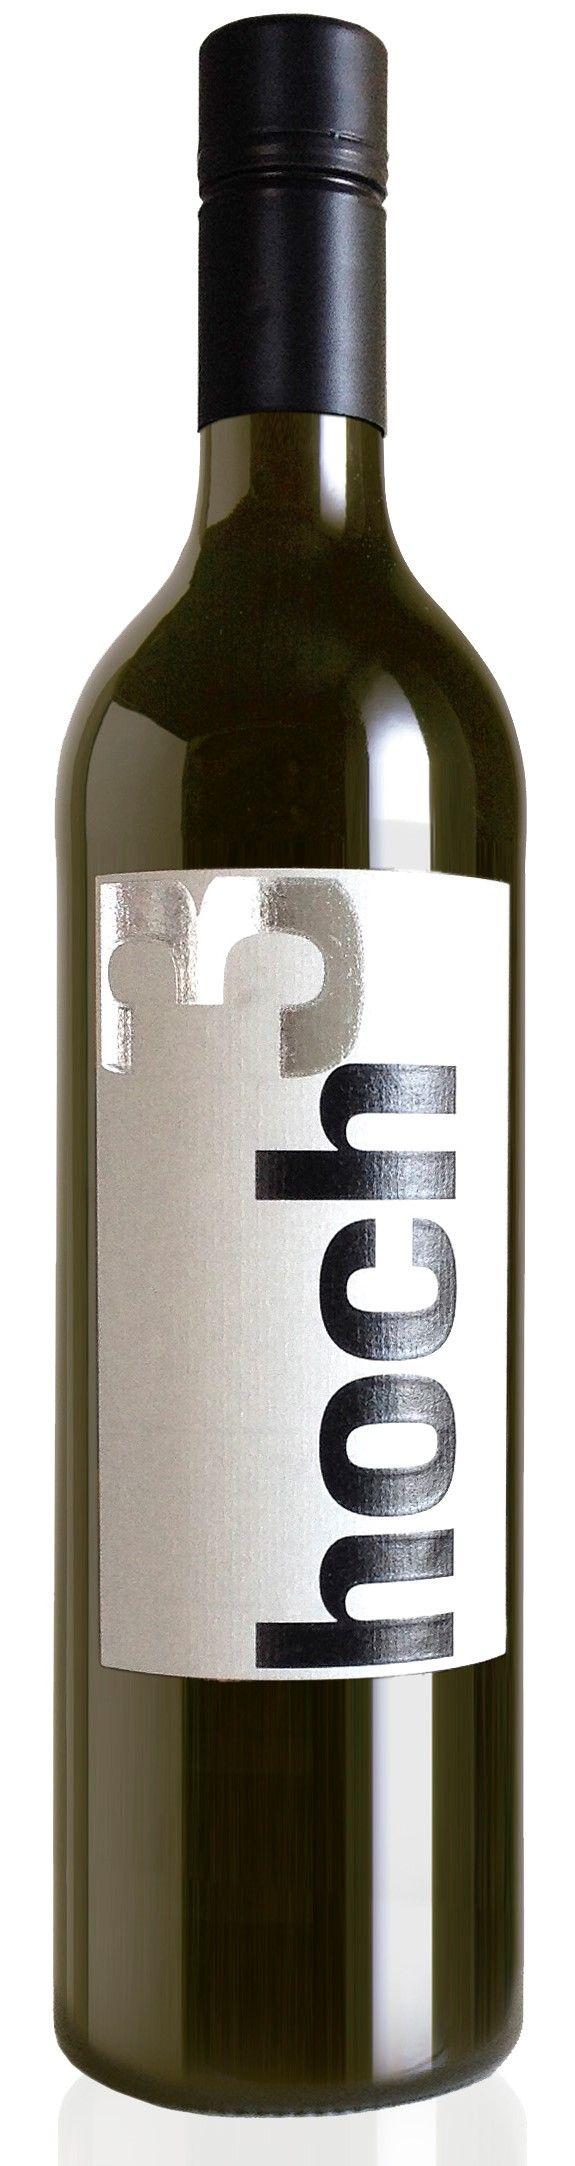 Termine - Weingut am Stein